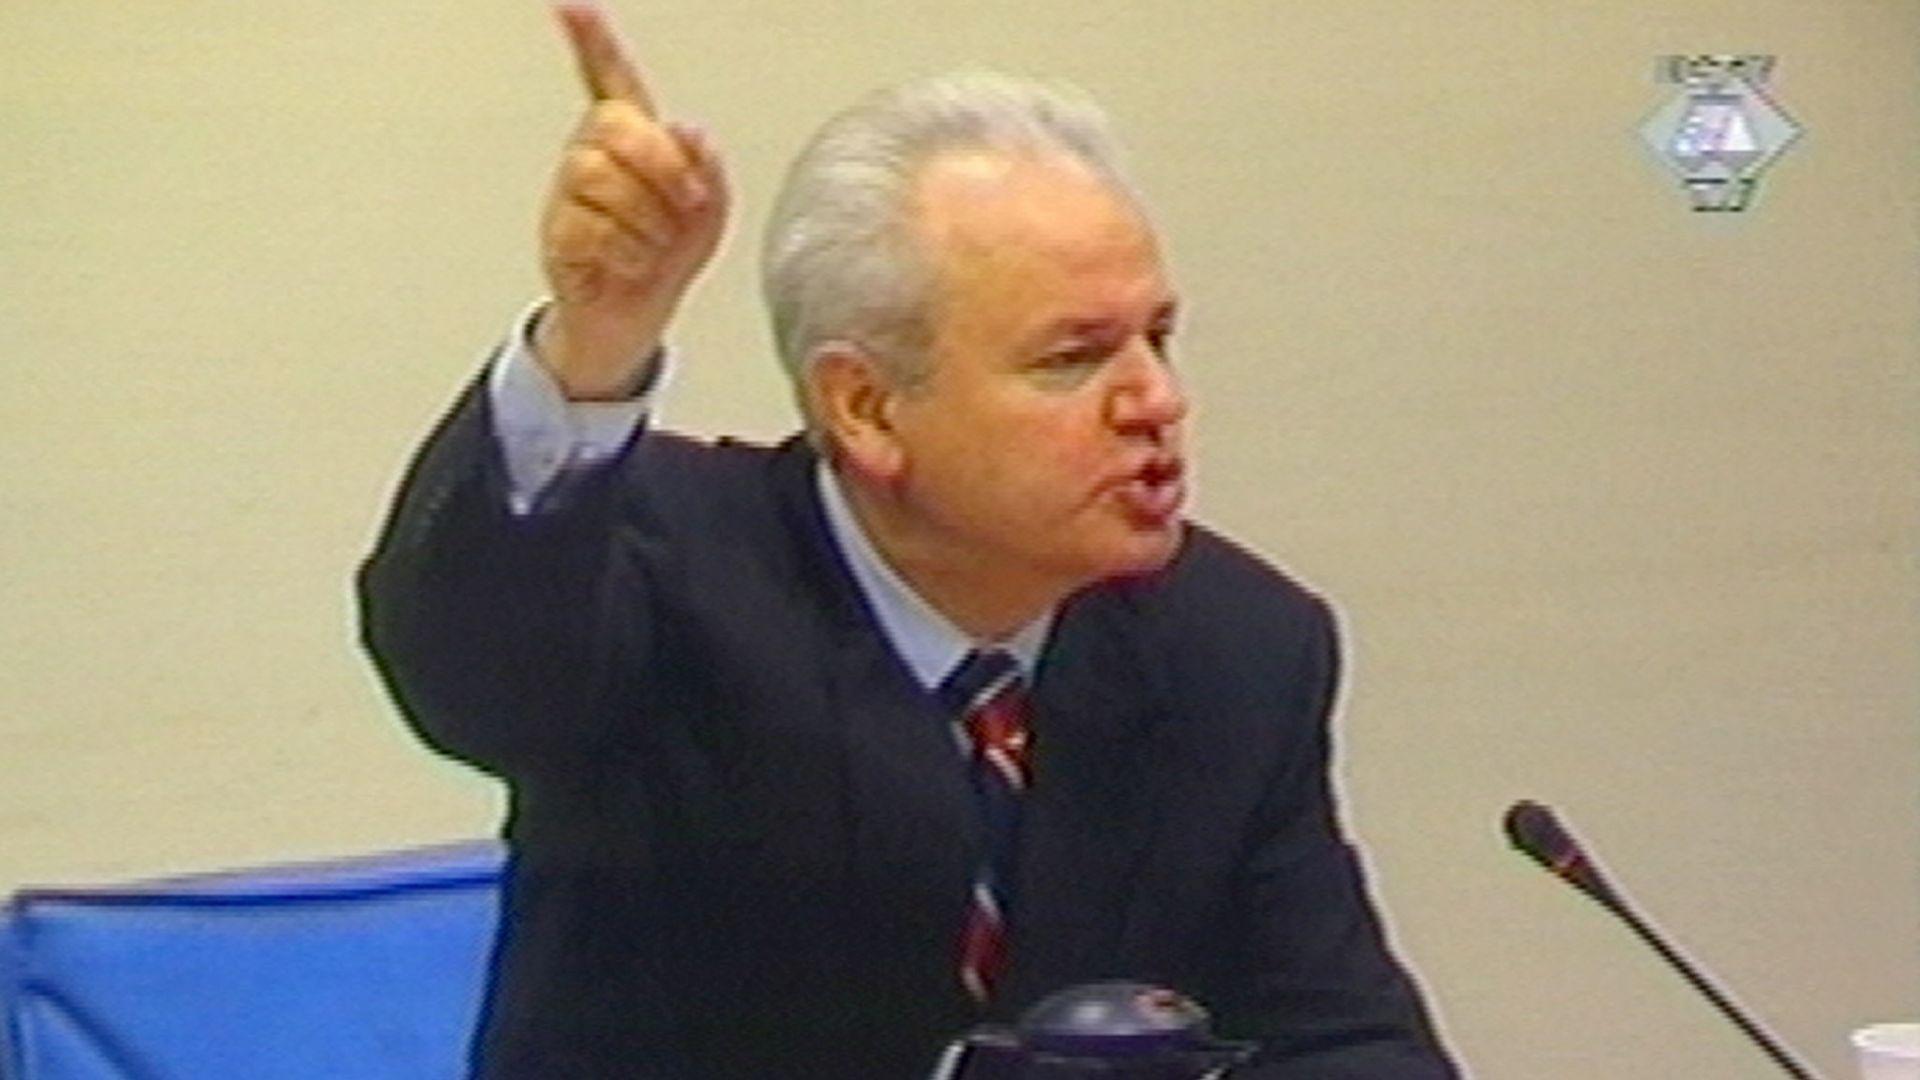 Бившият посланик на Великобритания в Сърбия сър Айвър Робъртс заяви